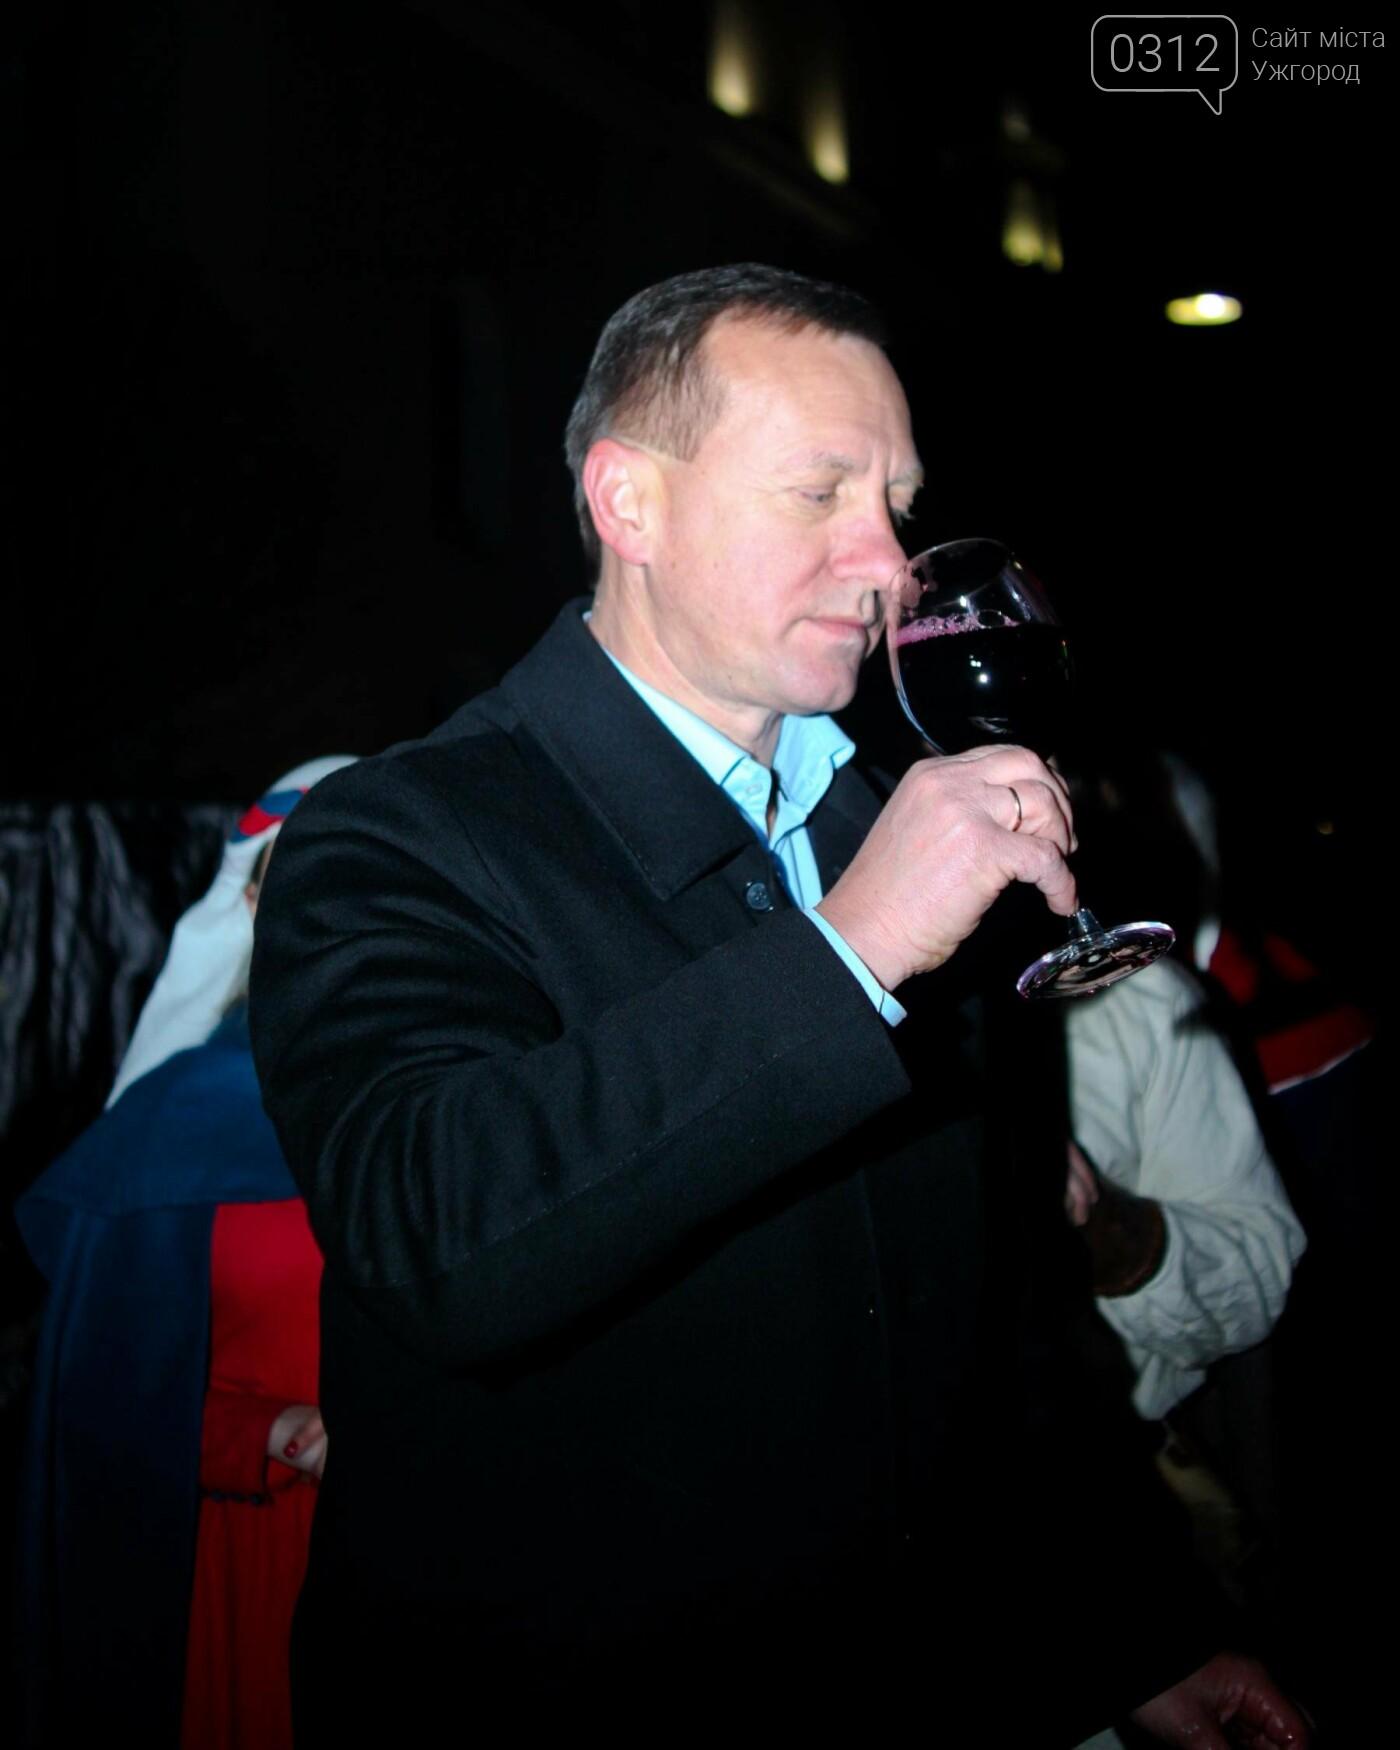 """""""Закарпатське божоле"""": як на Корзо мер відкривав першу бочку молодого вина (ФОТОРЕПОРТАЖ), фото-19"""